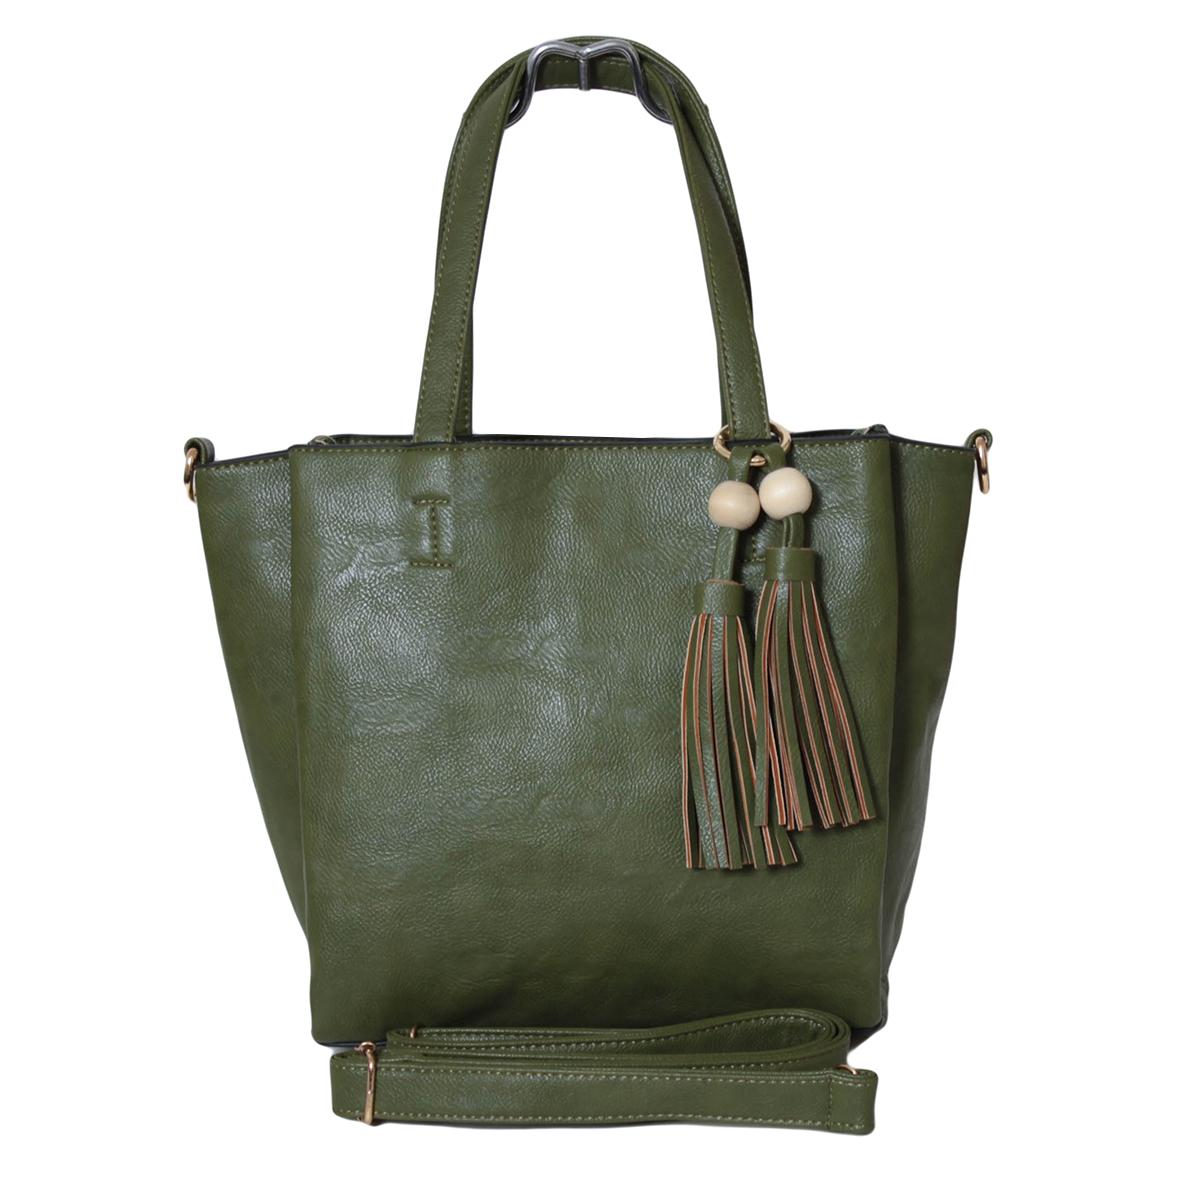 Сумка женская Flioraj, цвет: зеленый. 0005290800052908Закрывается на молнию. Внутри одно отделение, один карман на молнии и один открытый. На передней и задней стенки карманы на декоративных клапанах. В комплекте есть длинный ремень.